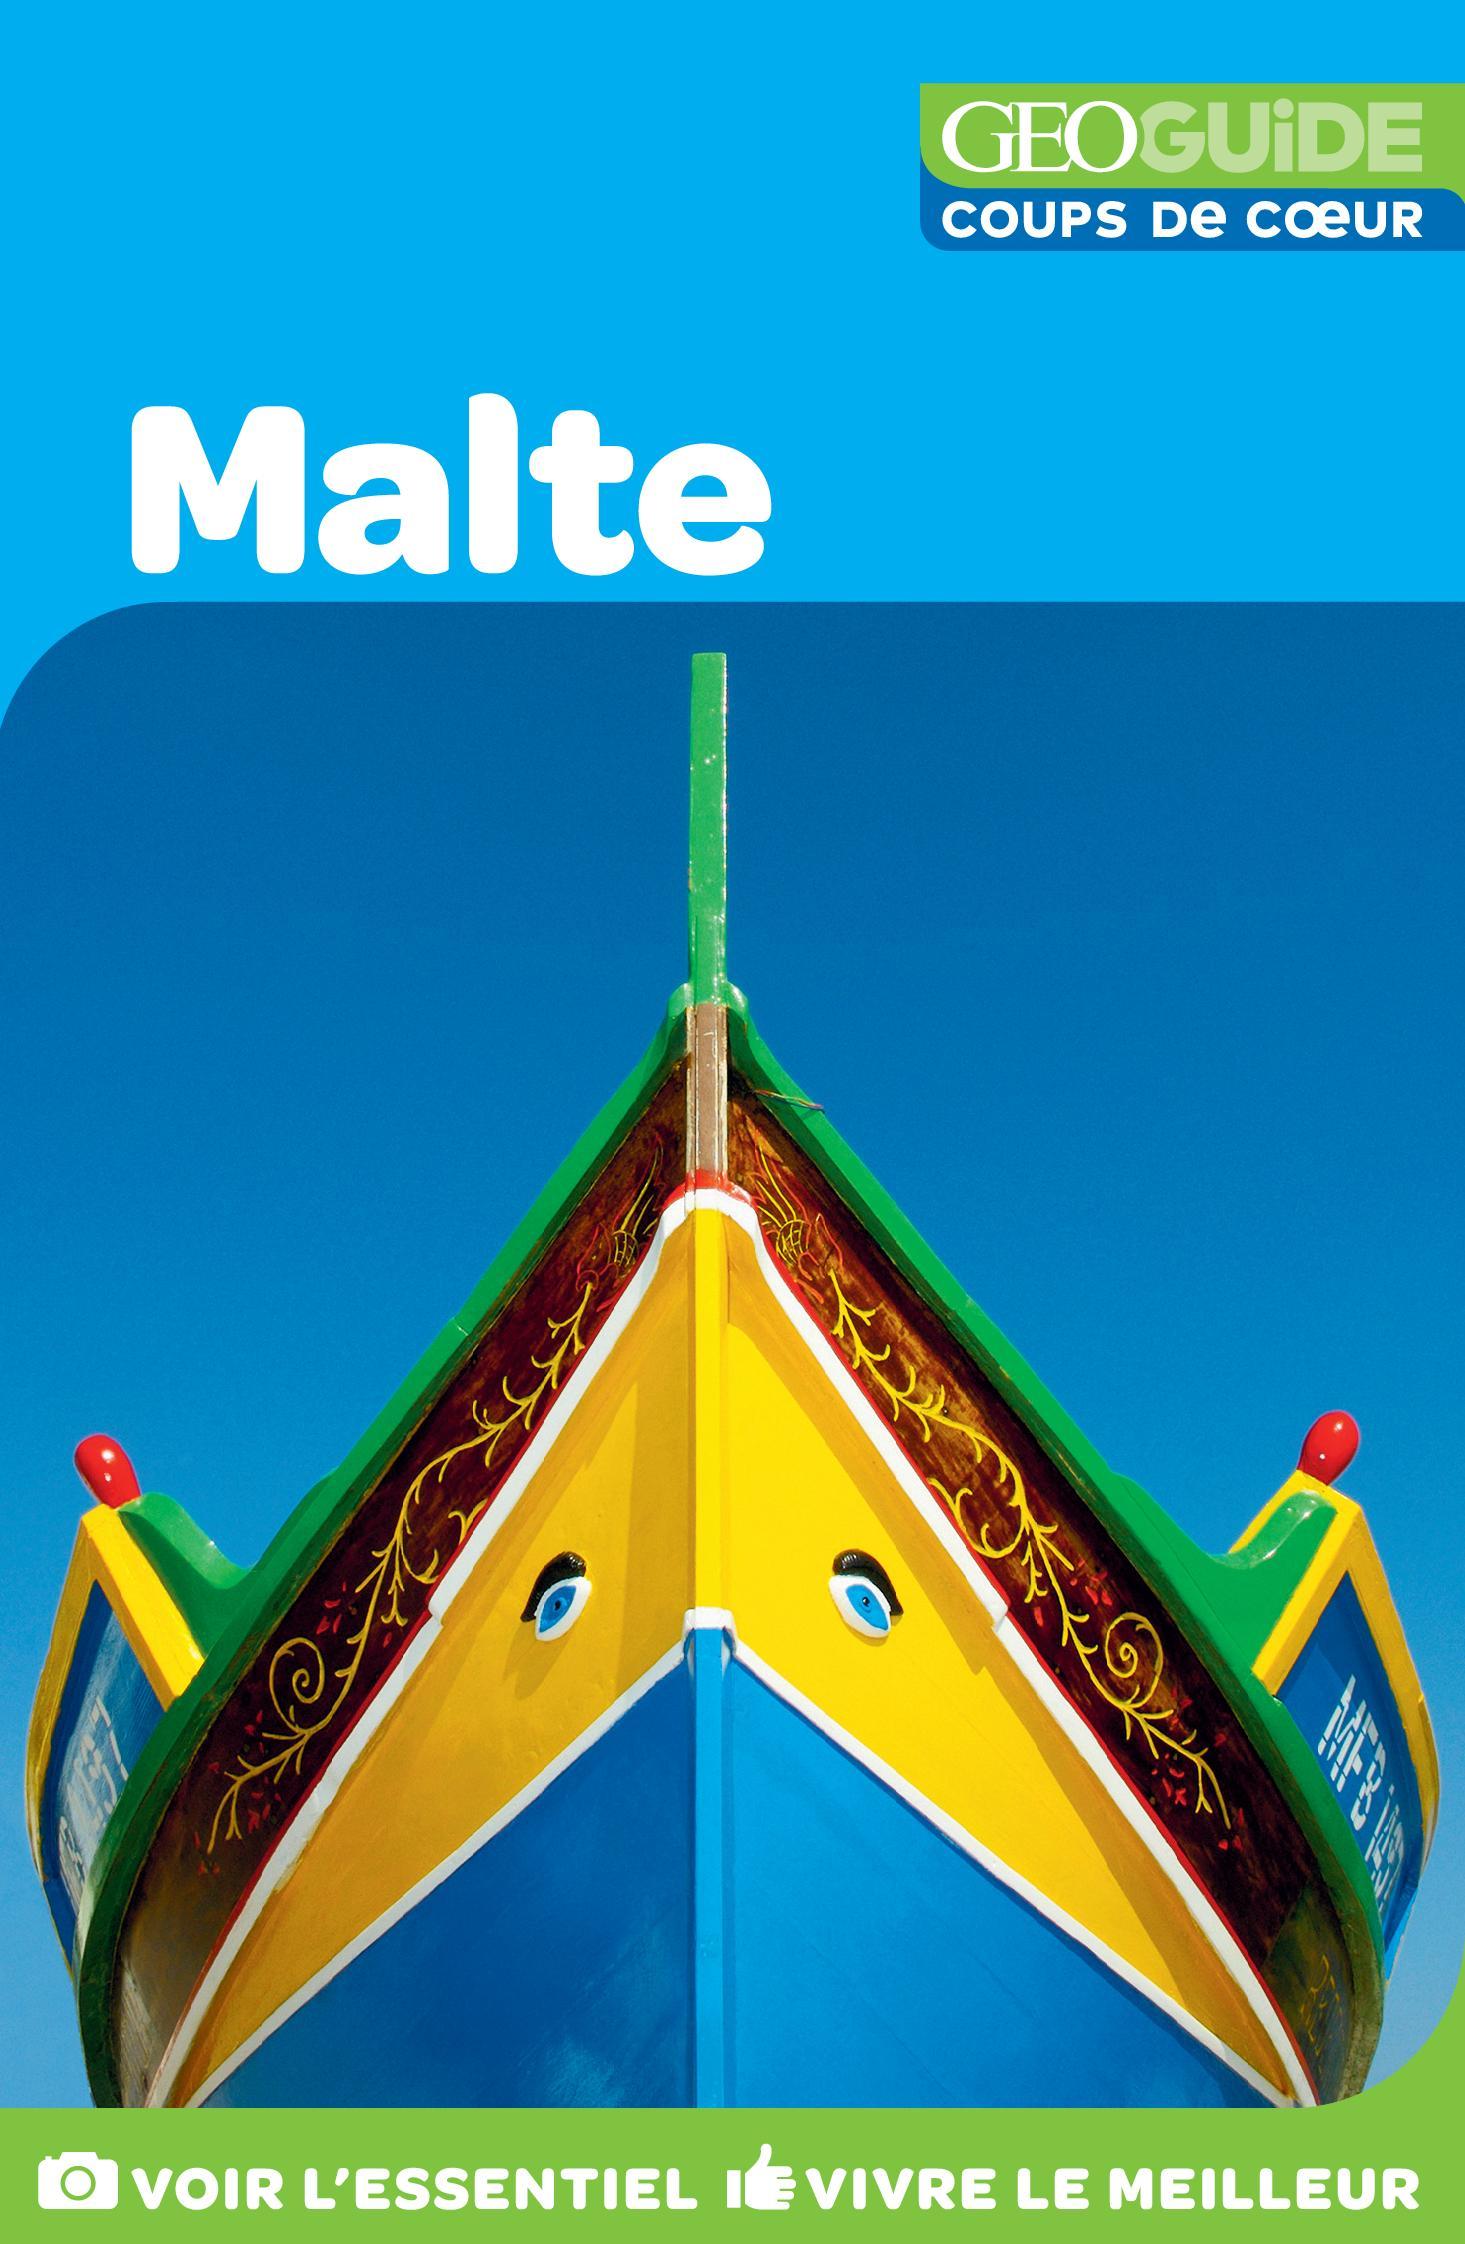 GEOguide Coups de coeur Malte